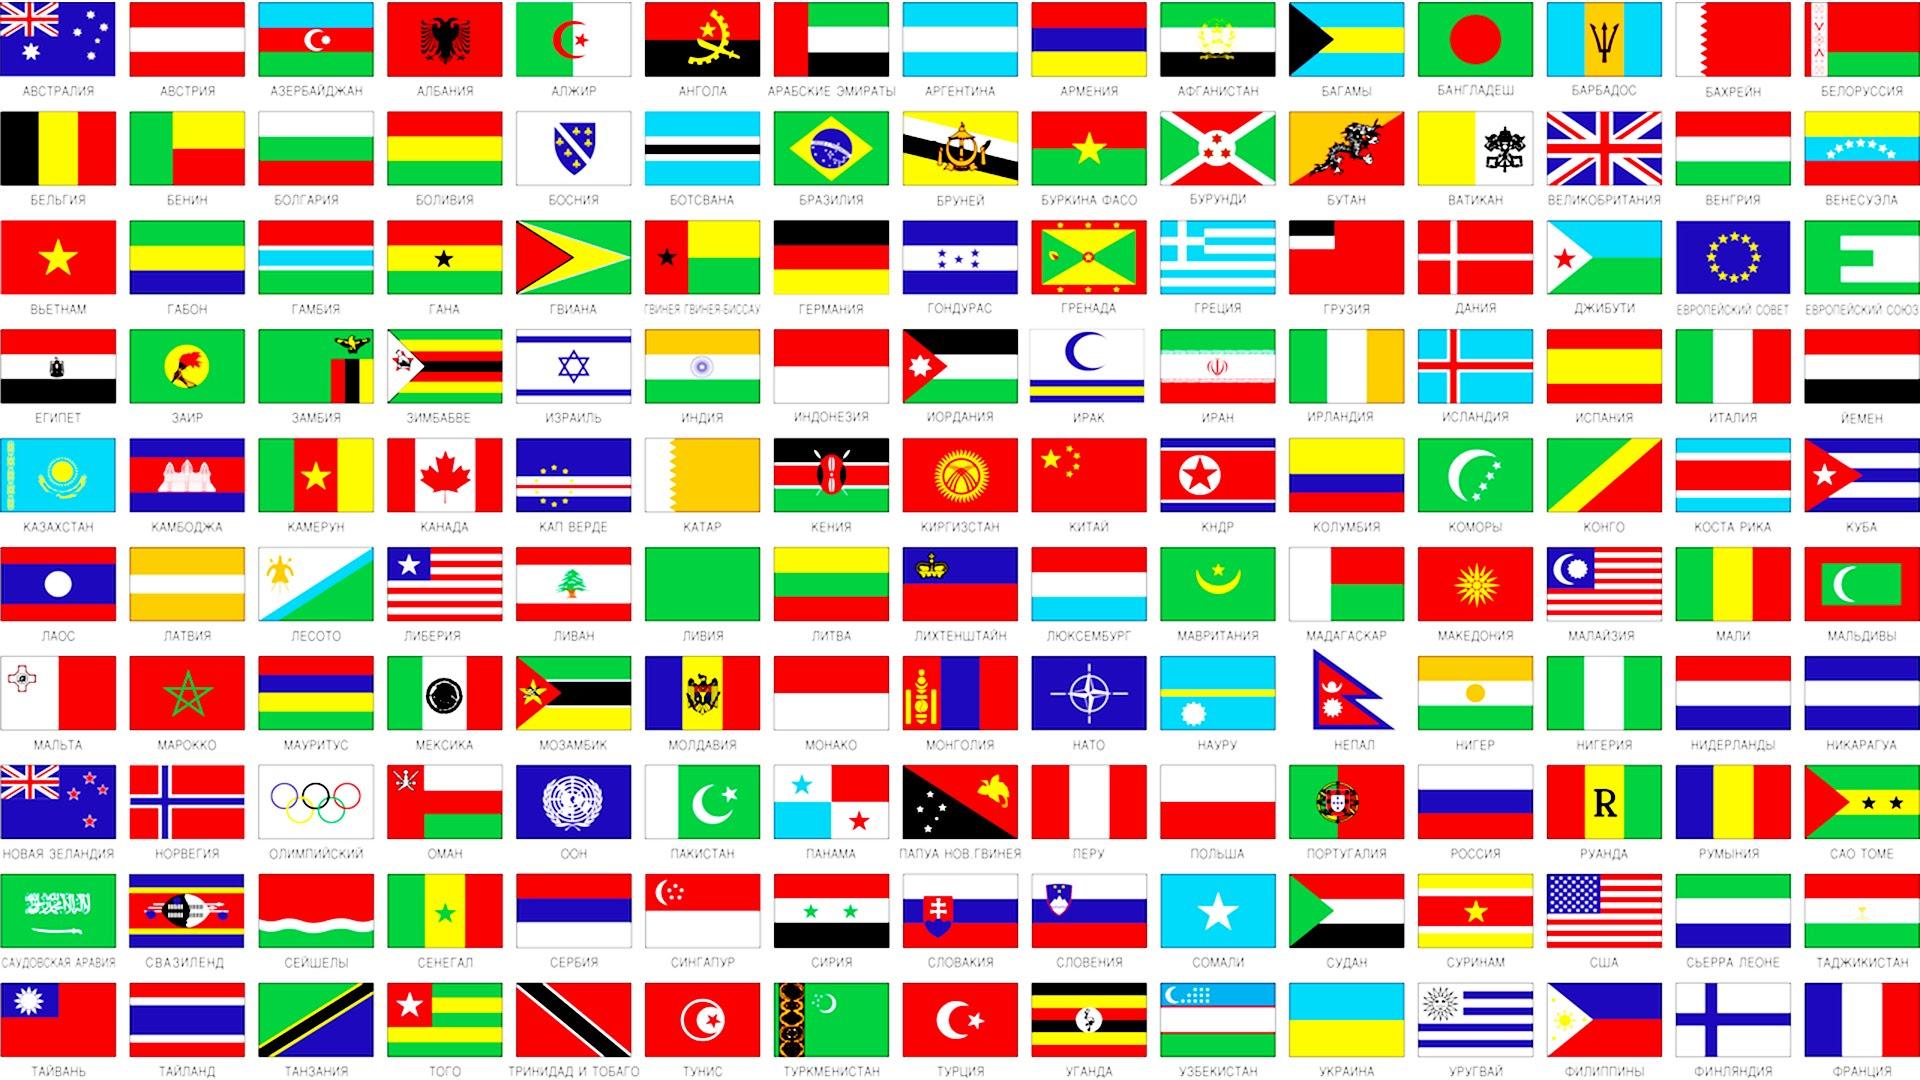 челябинского хоккея флаги всех стран мира фото и названия этого маникюра, нужны